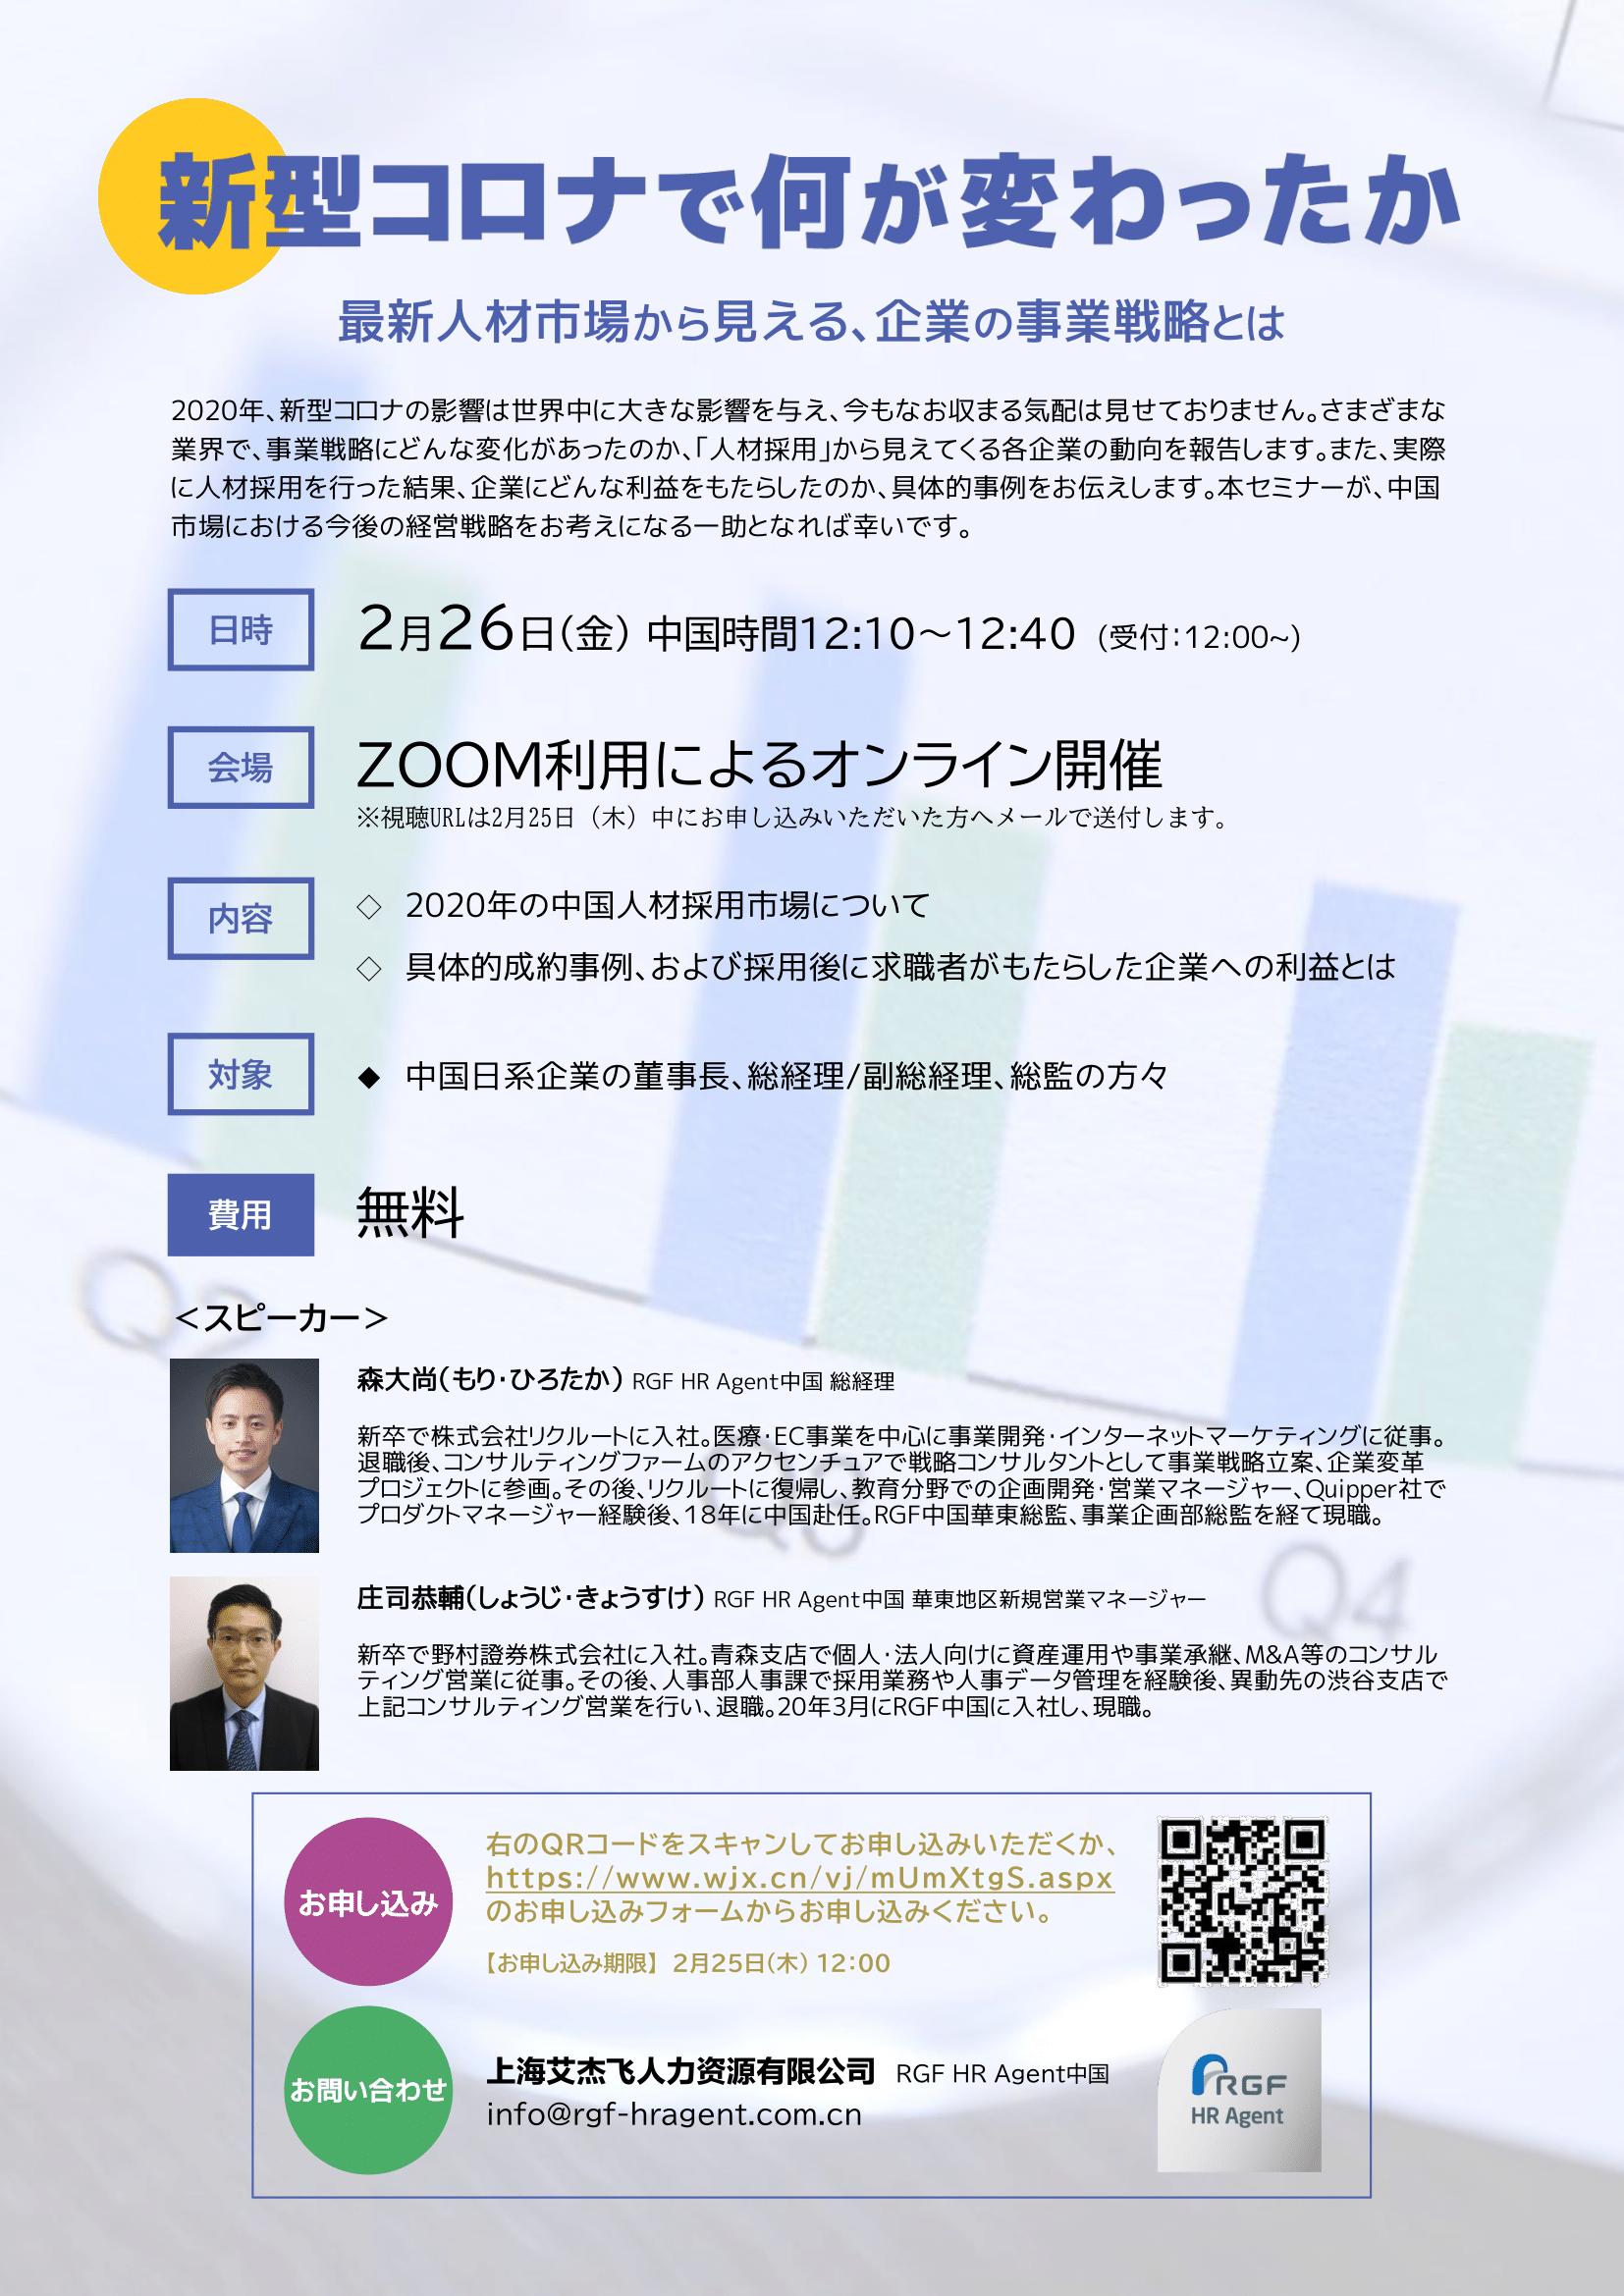 2021年2月26日オンラインセミナー_上海艾杰飞人力资源有限公司-1 - コピー.png